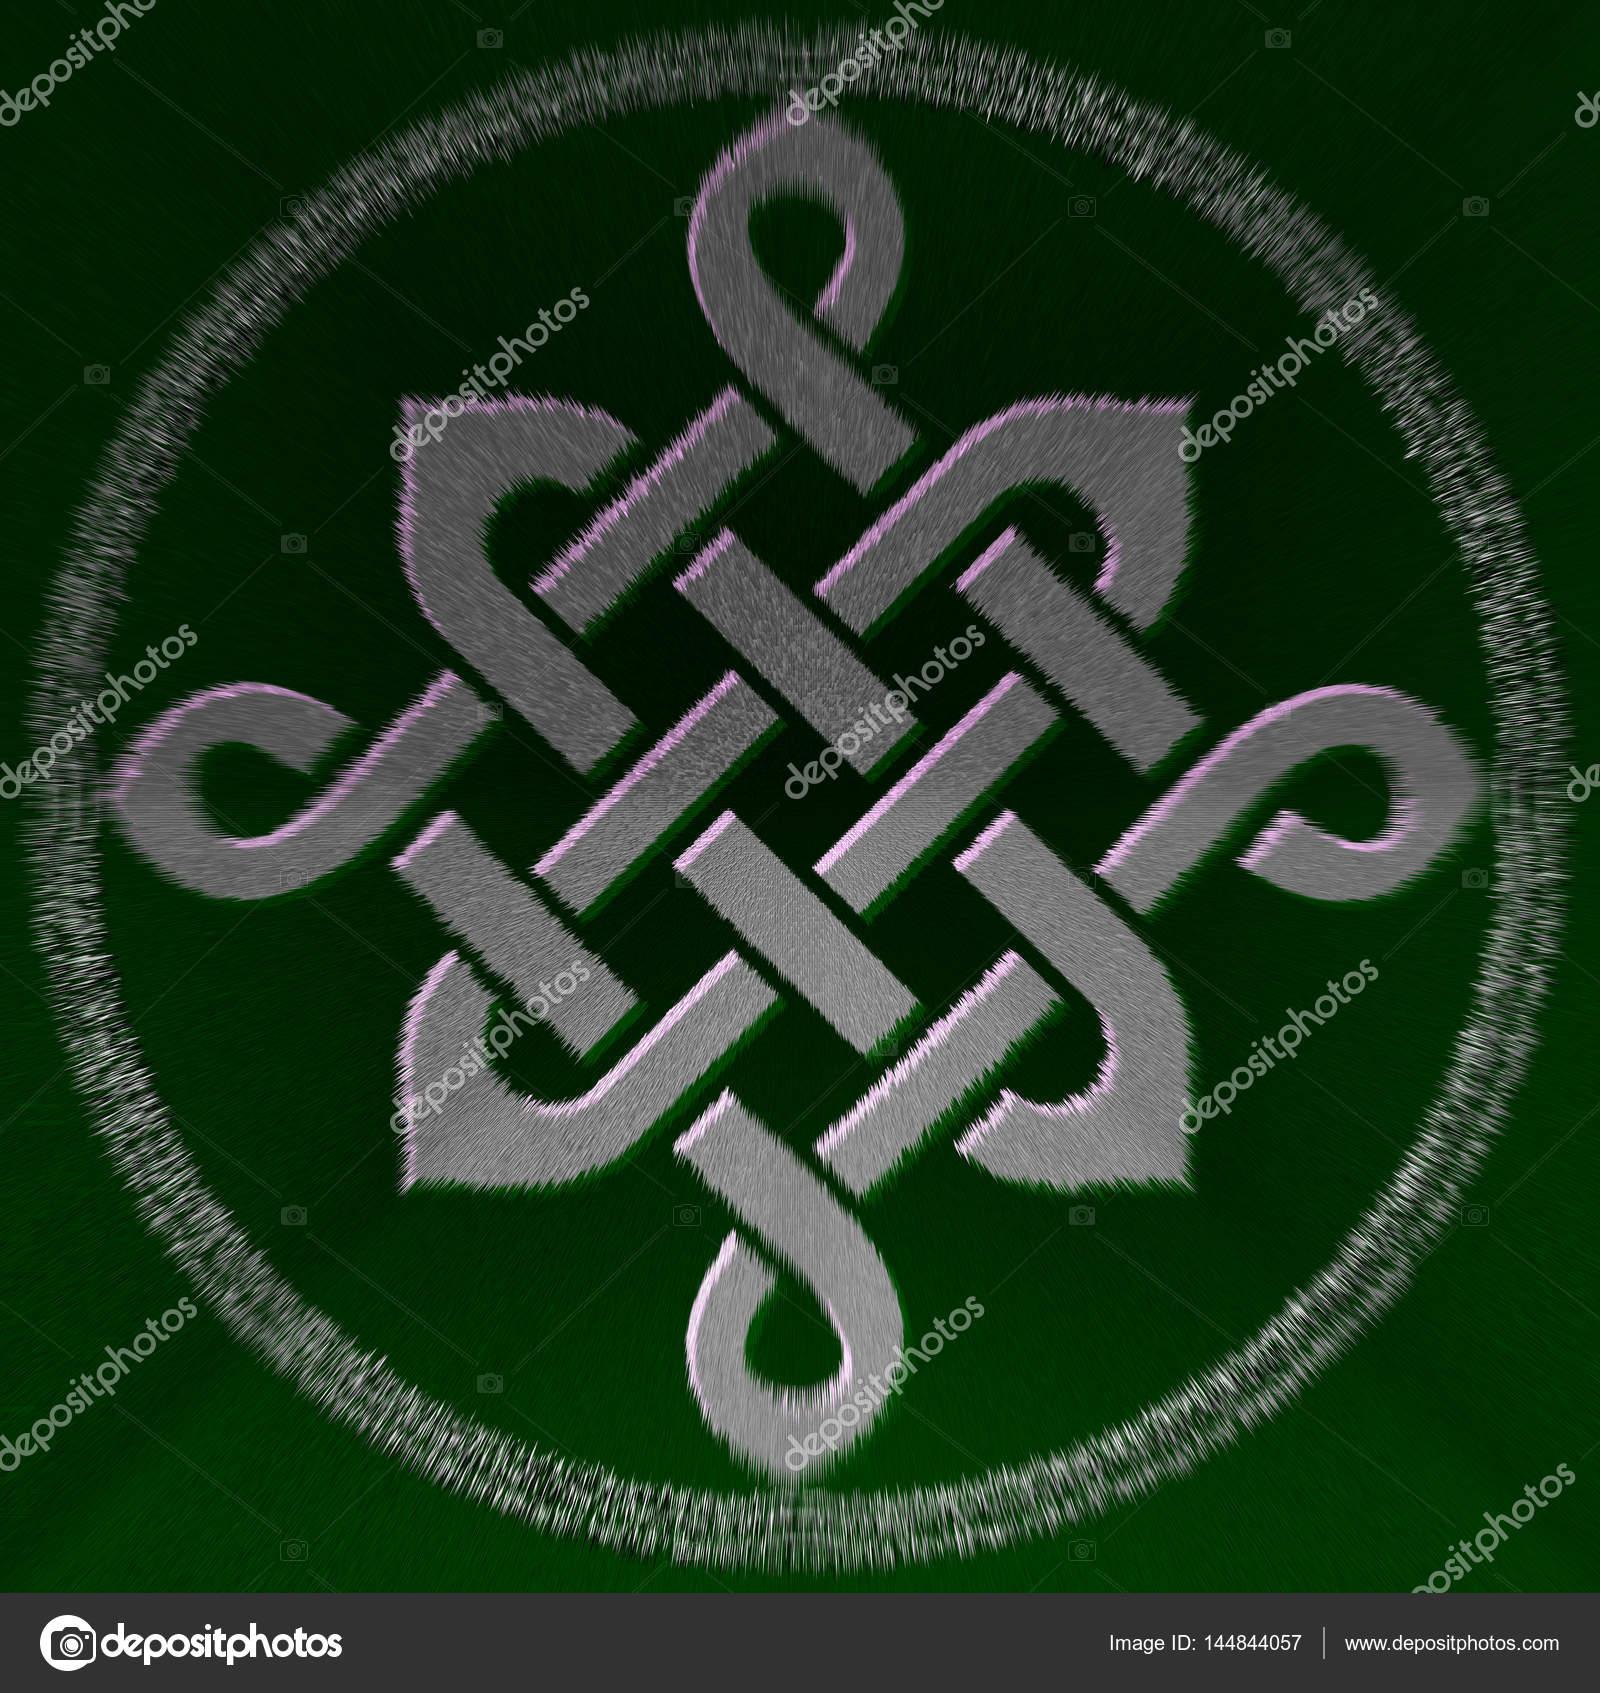 Celtic Knot Symbol Stock Photo Tony4urban 144844057